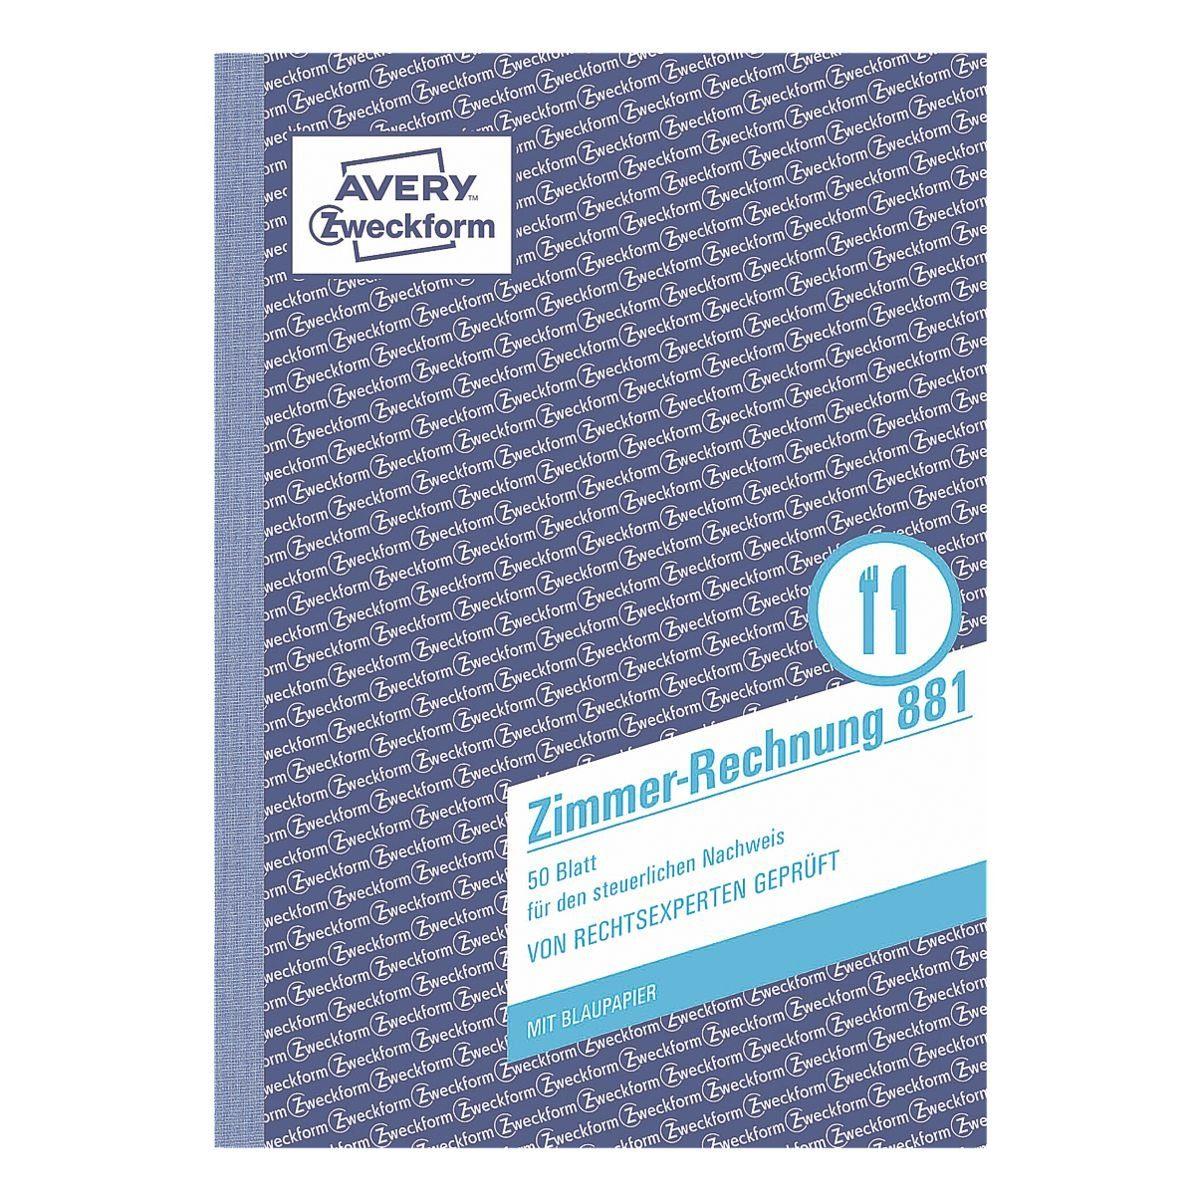 Avery Zweckform Formularbuch »Zimmerrechnung«